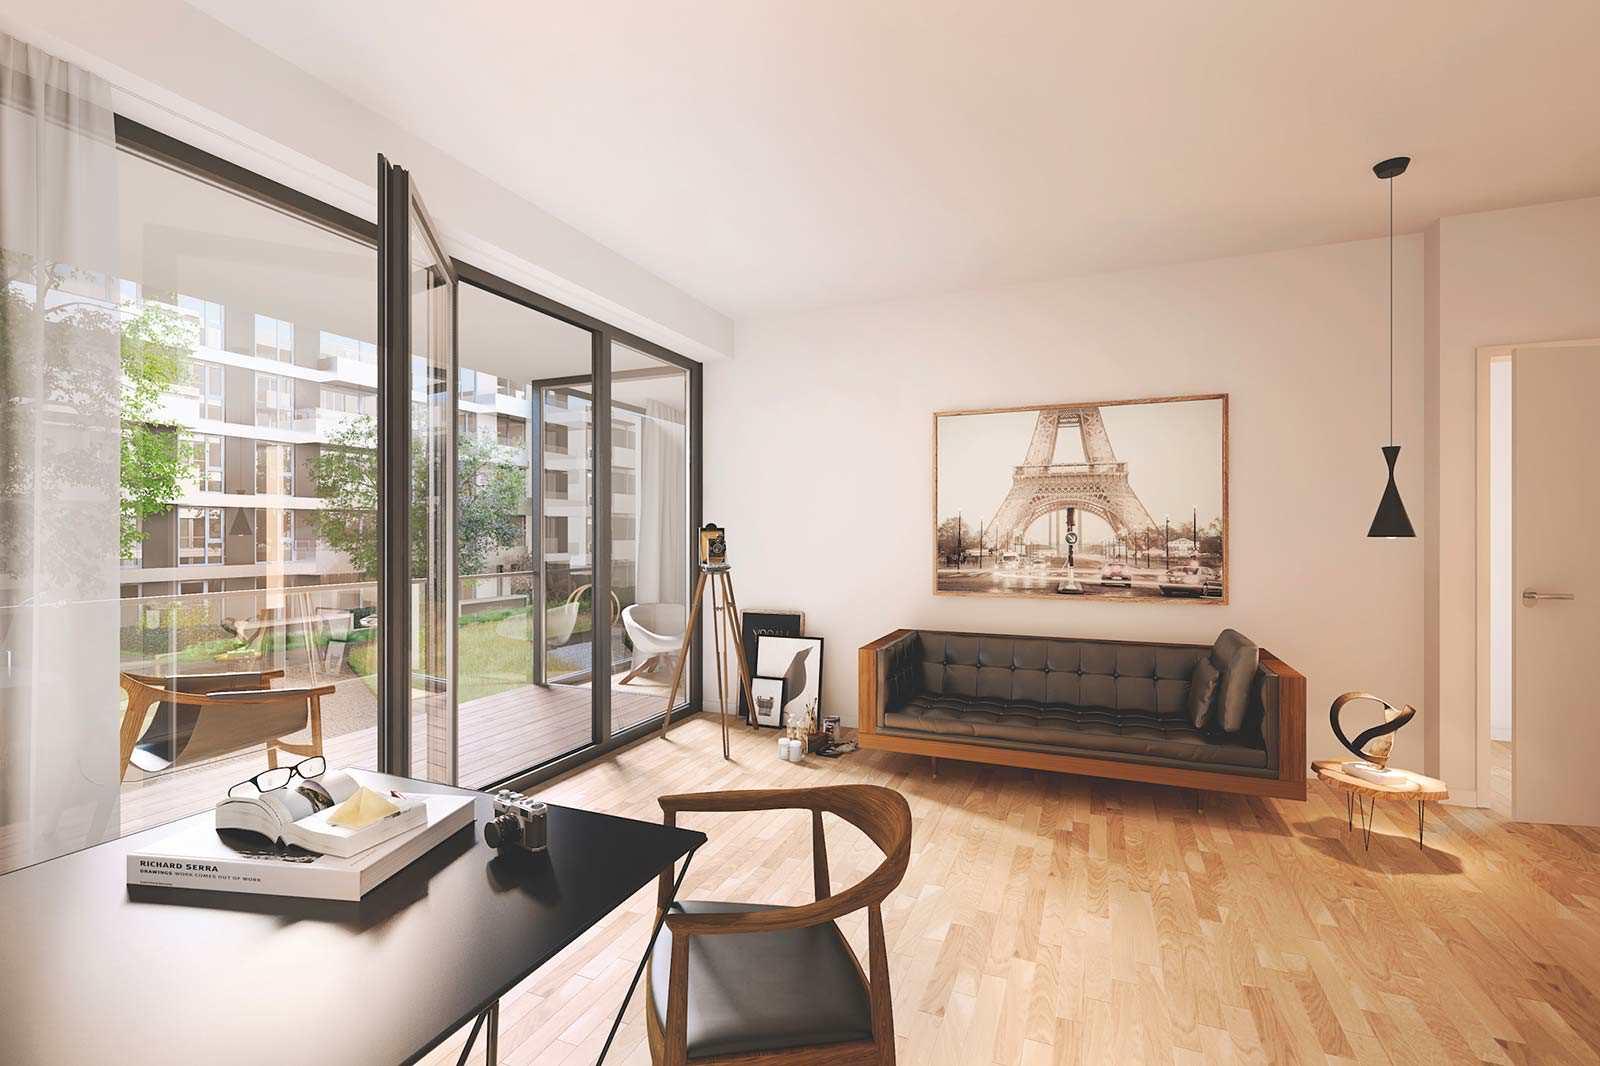 Продается двухкомнатная квартира в центре Берлина